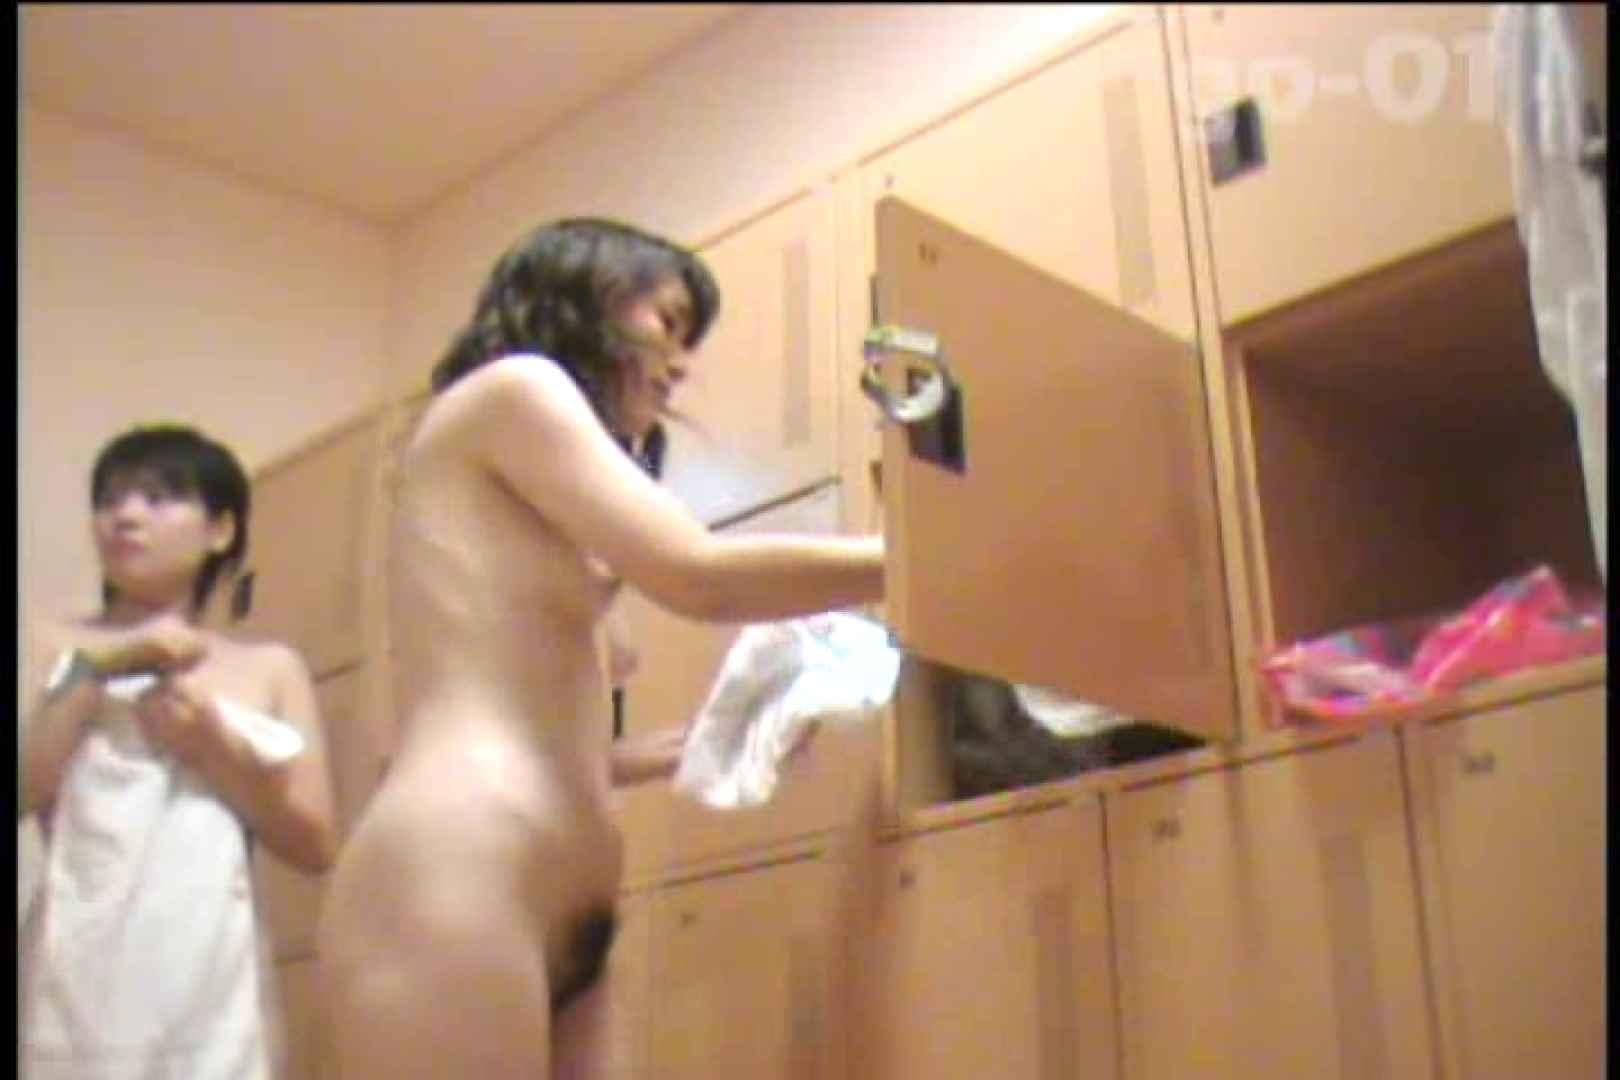 電波カメラ設置浴場からの防HAN映像 Vol.01 シャワー室  105枚 99